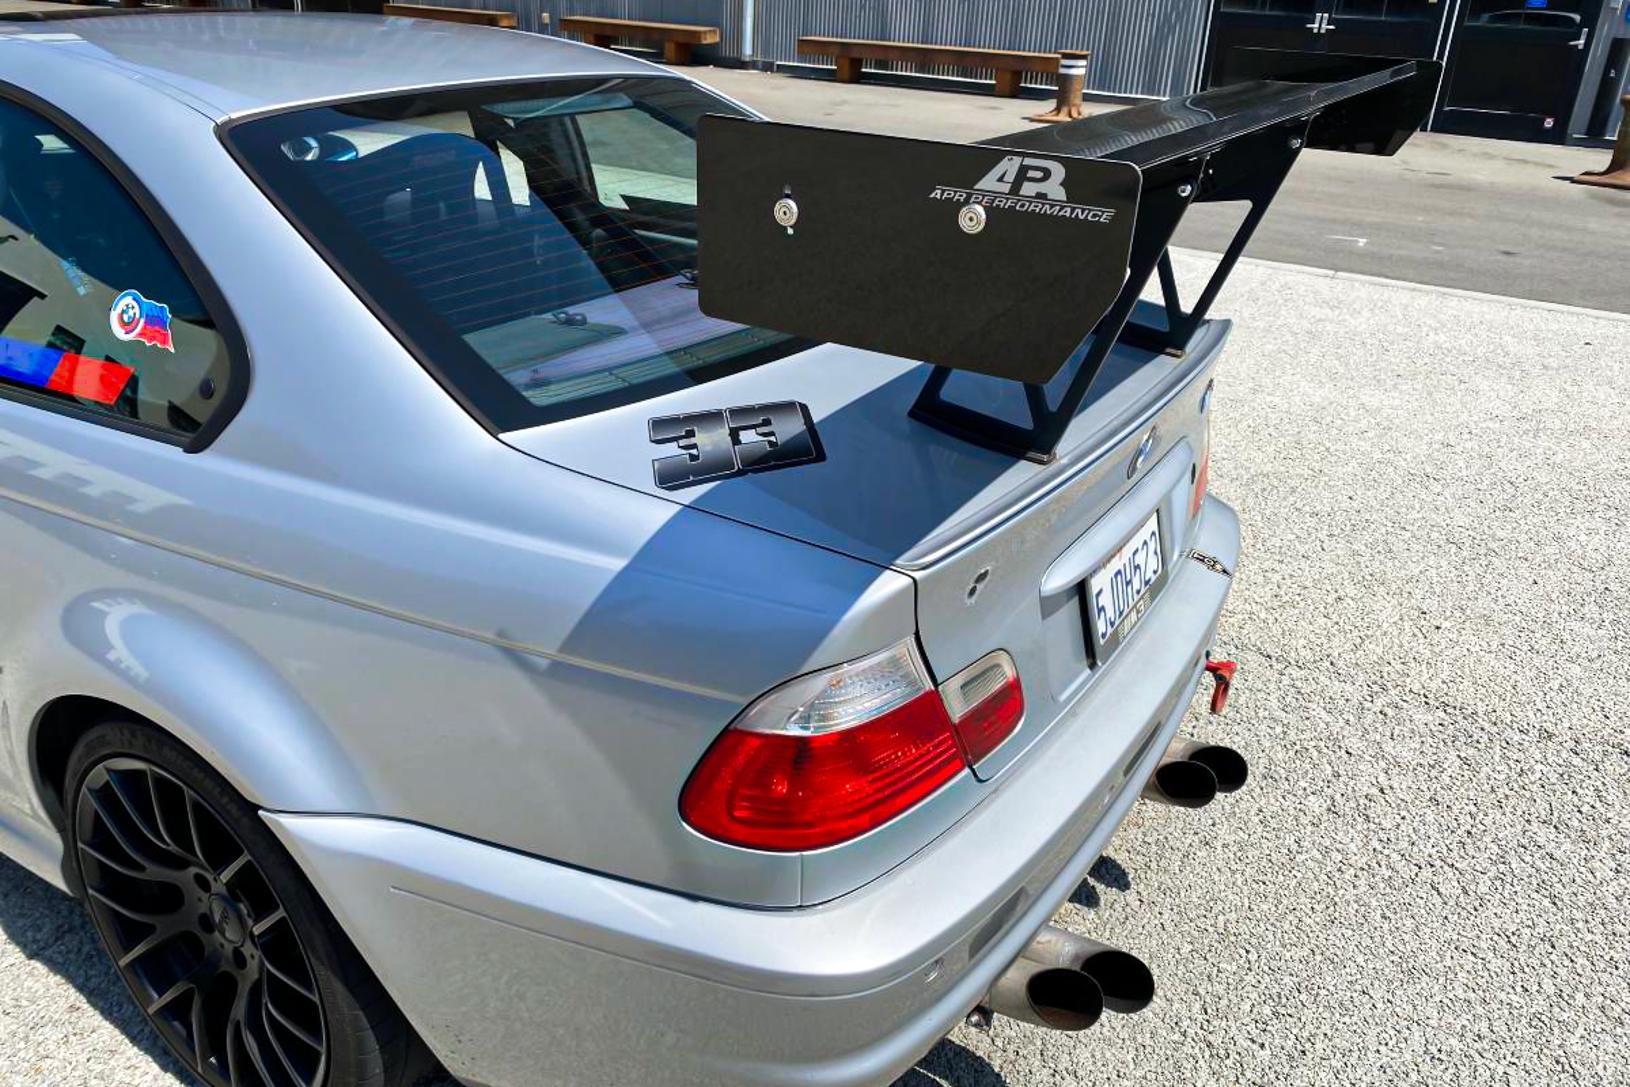 2002 BMW M3 'Track Car'